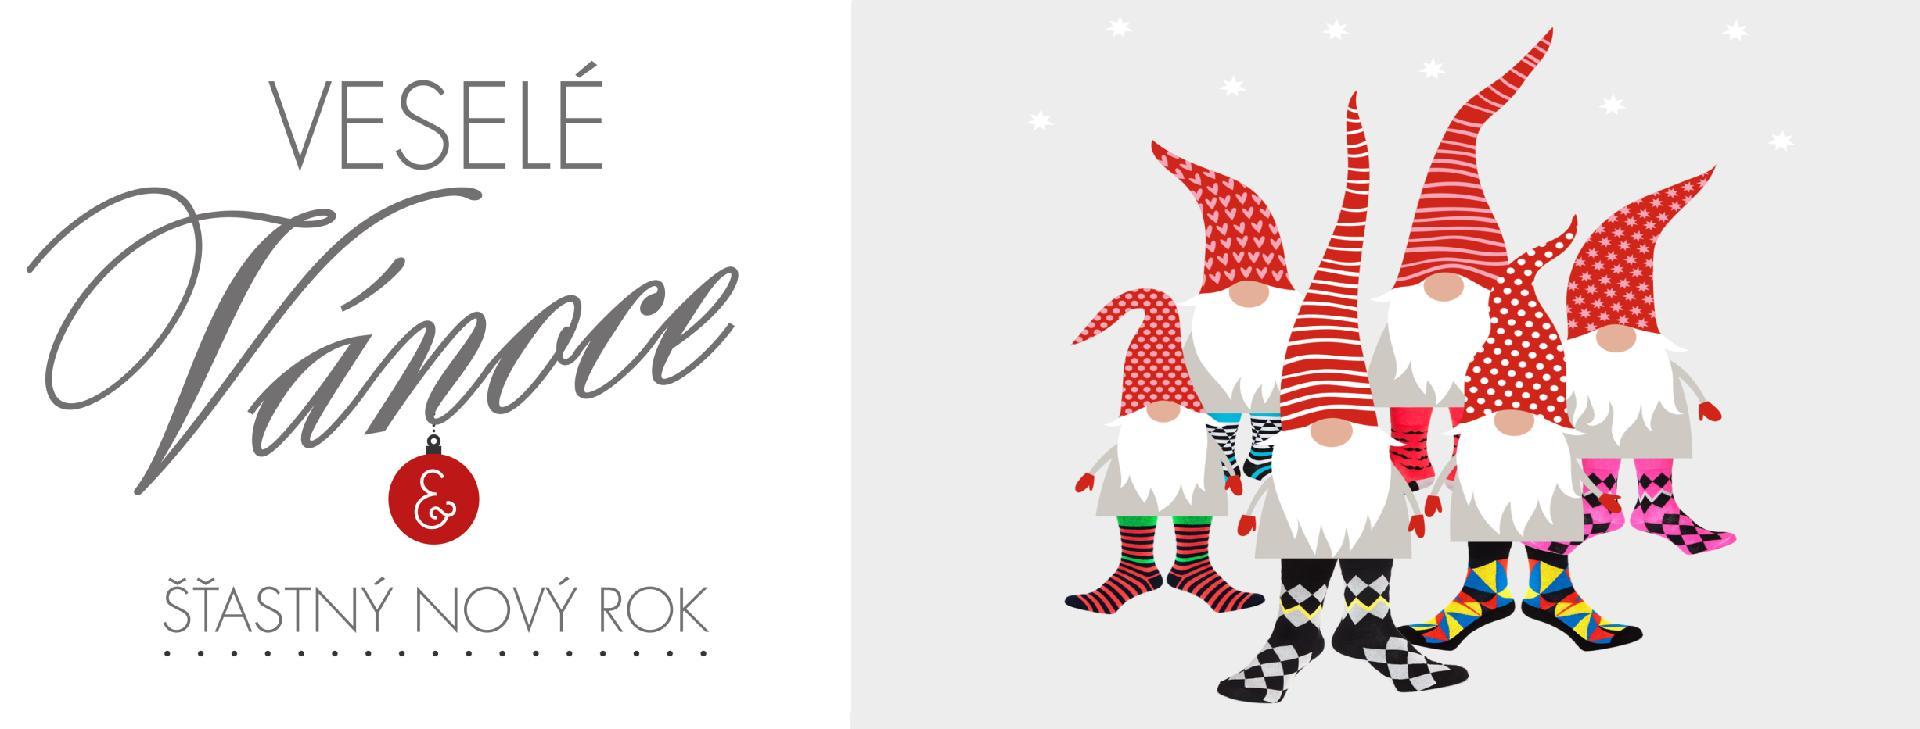 Veselé Vánoce a Šťasný Nový rok